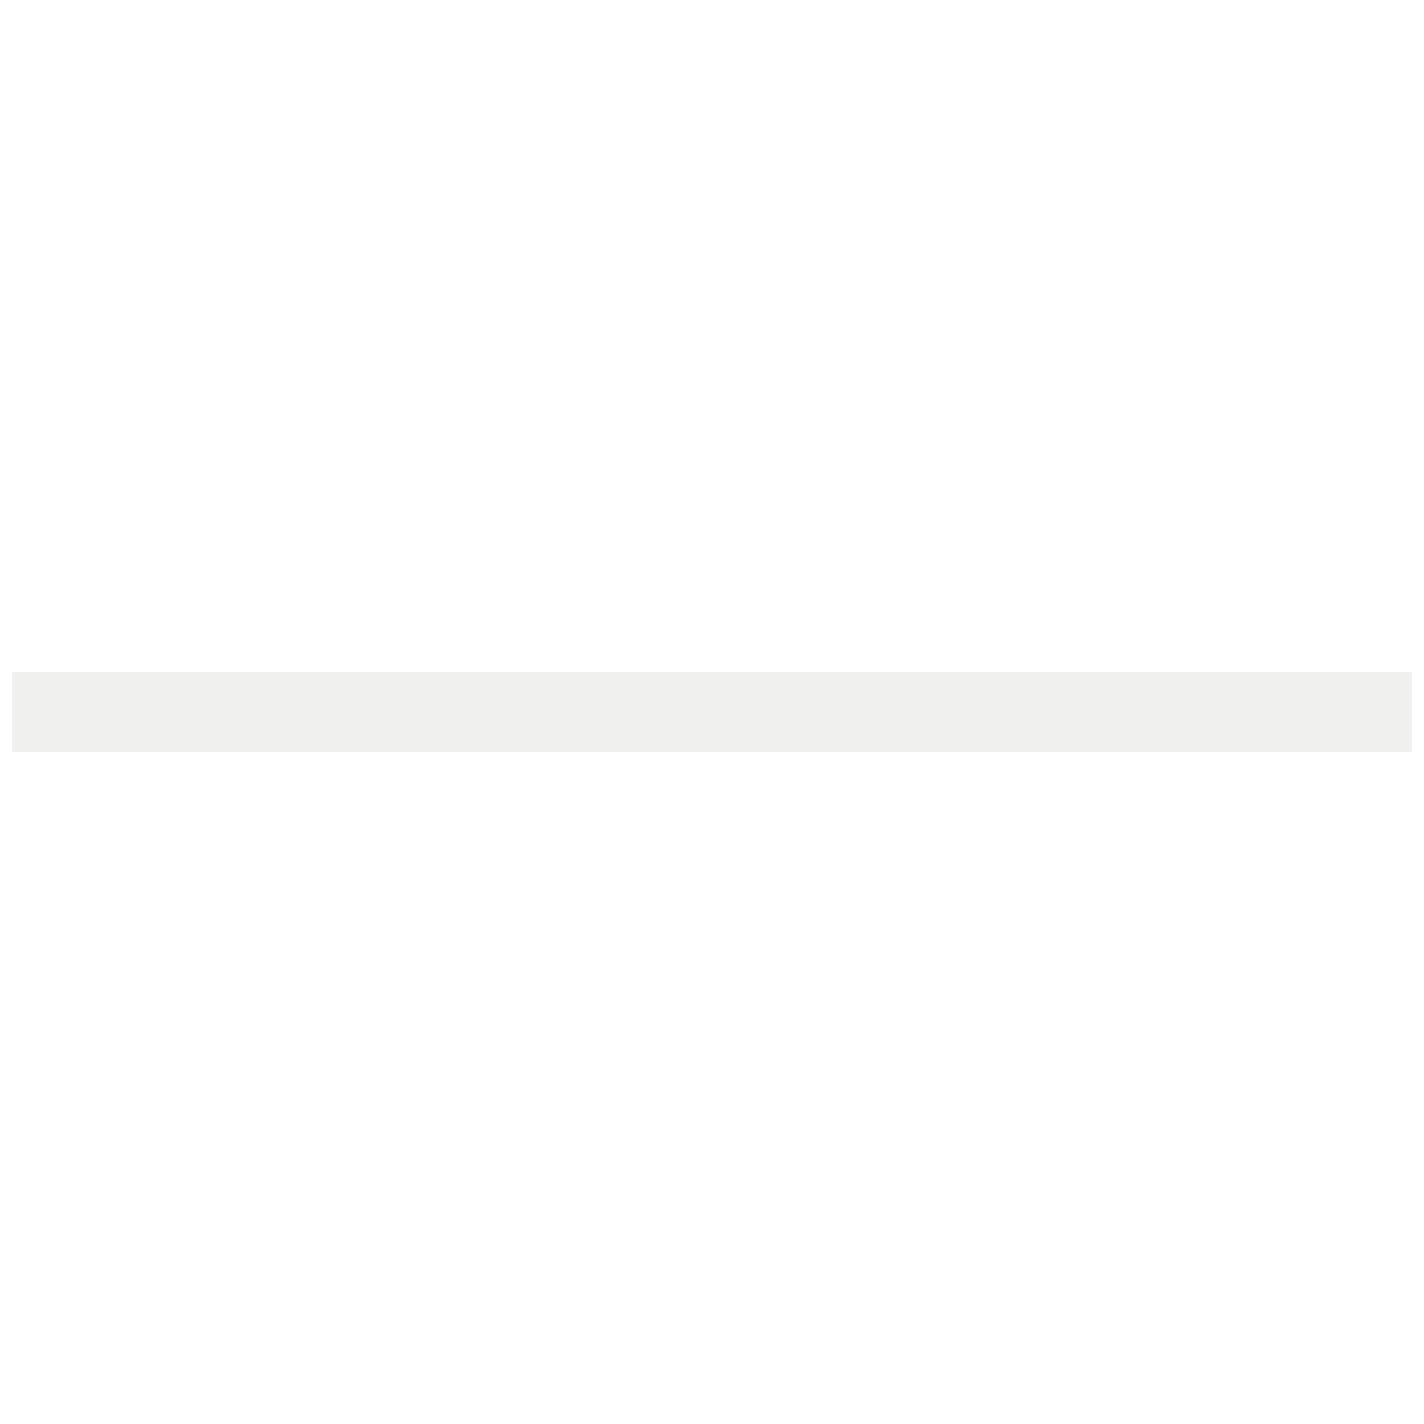 SURF SIC - PISTOL WHIP (SL) 6'4''- Deck - 103370